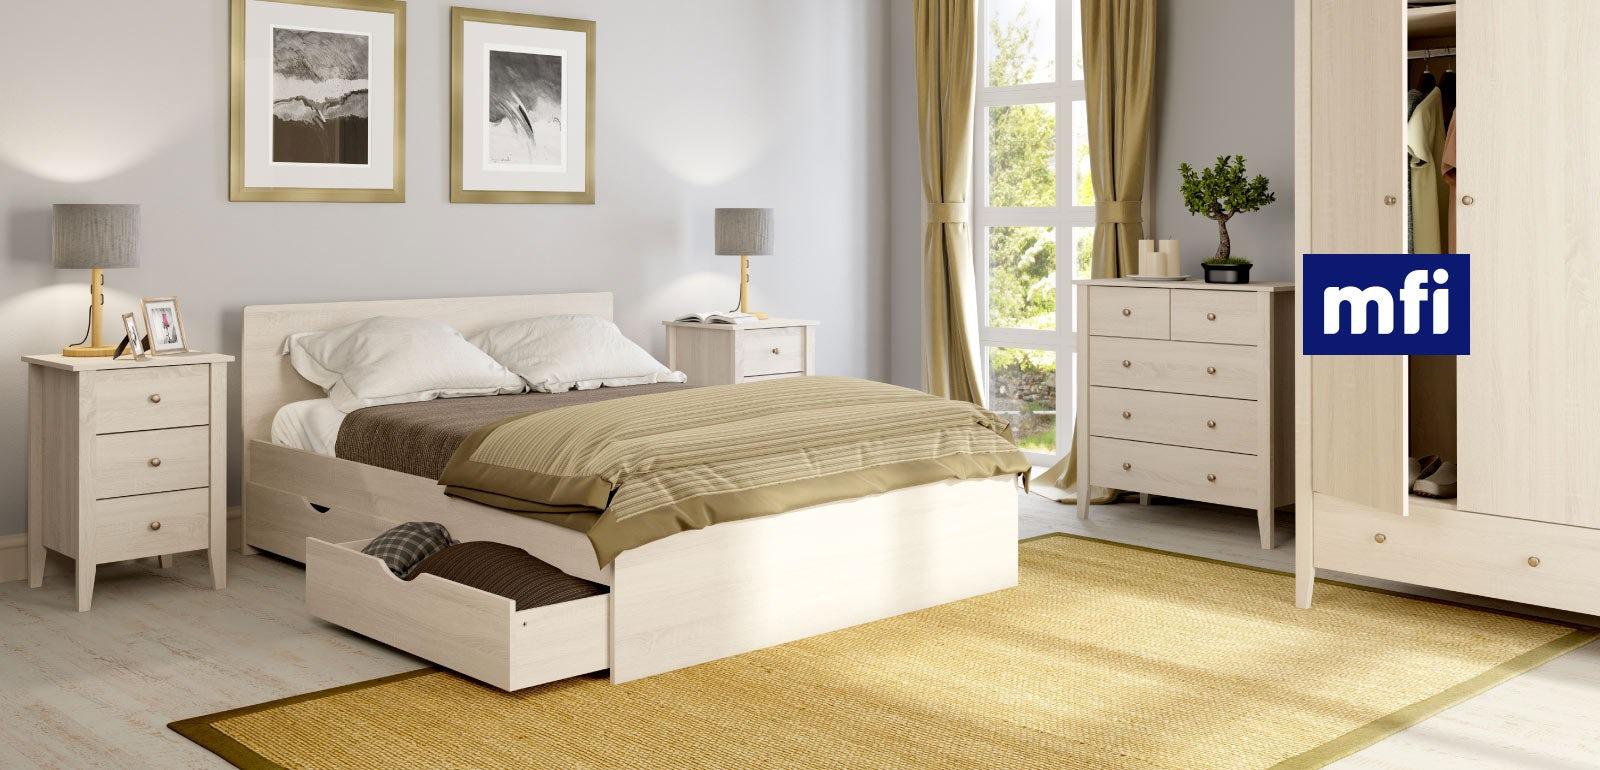 White oak bedroom furniture - Images of white bedroom furniture ...